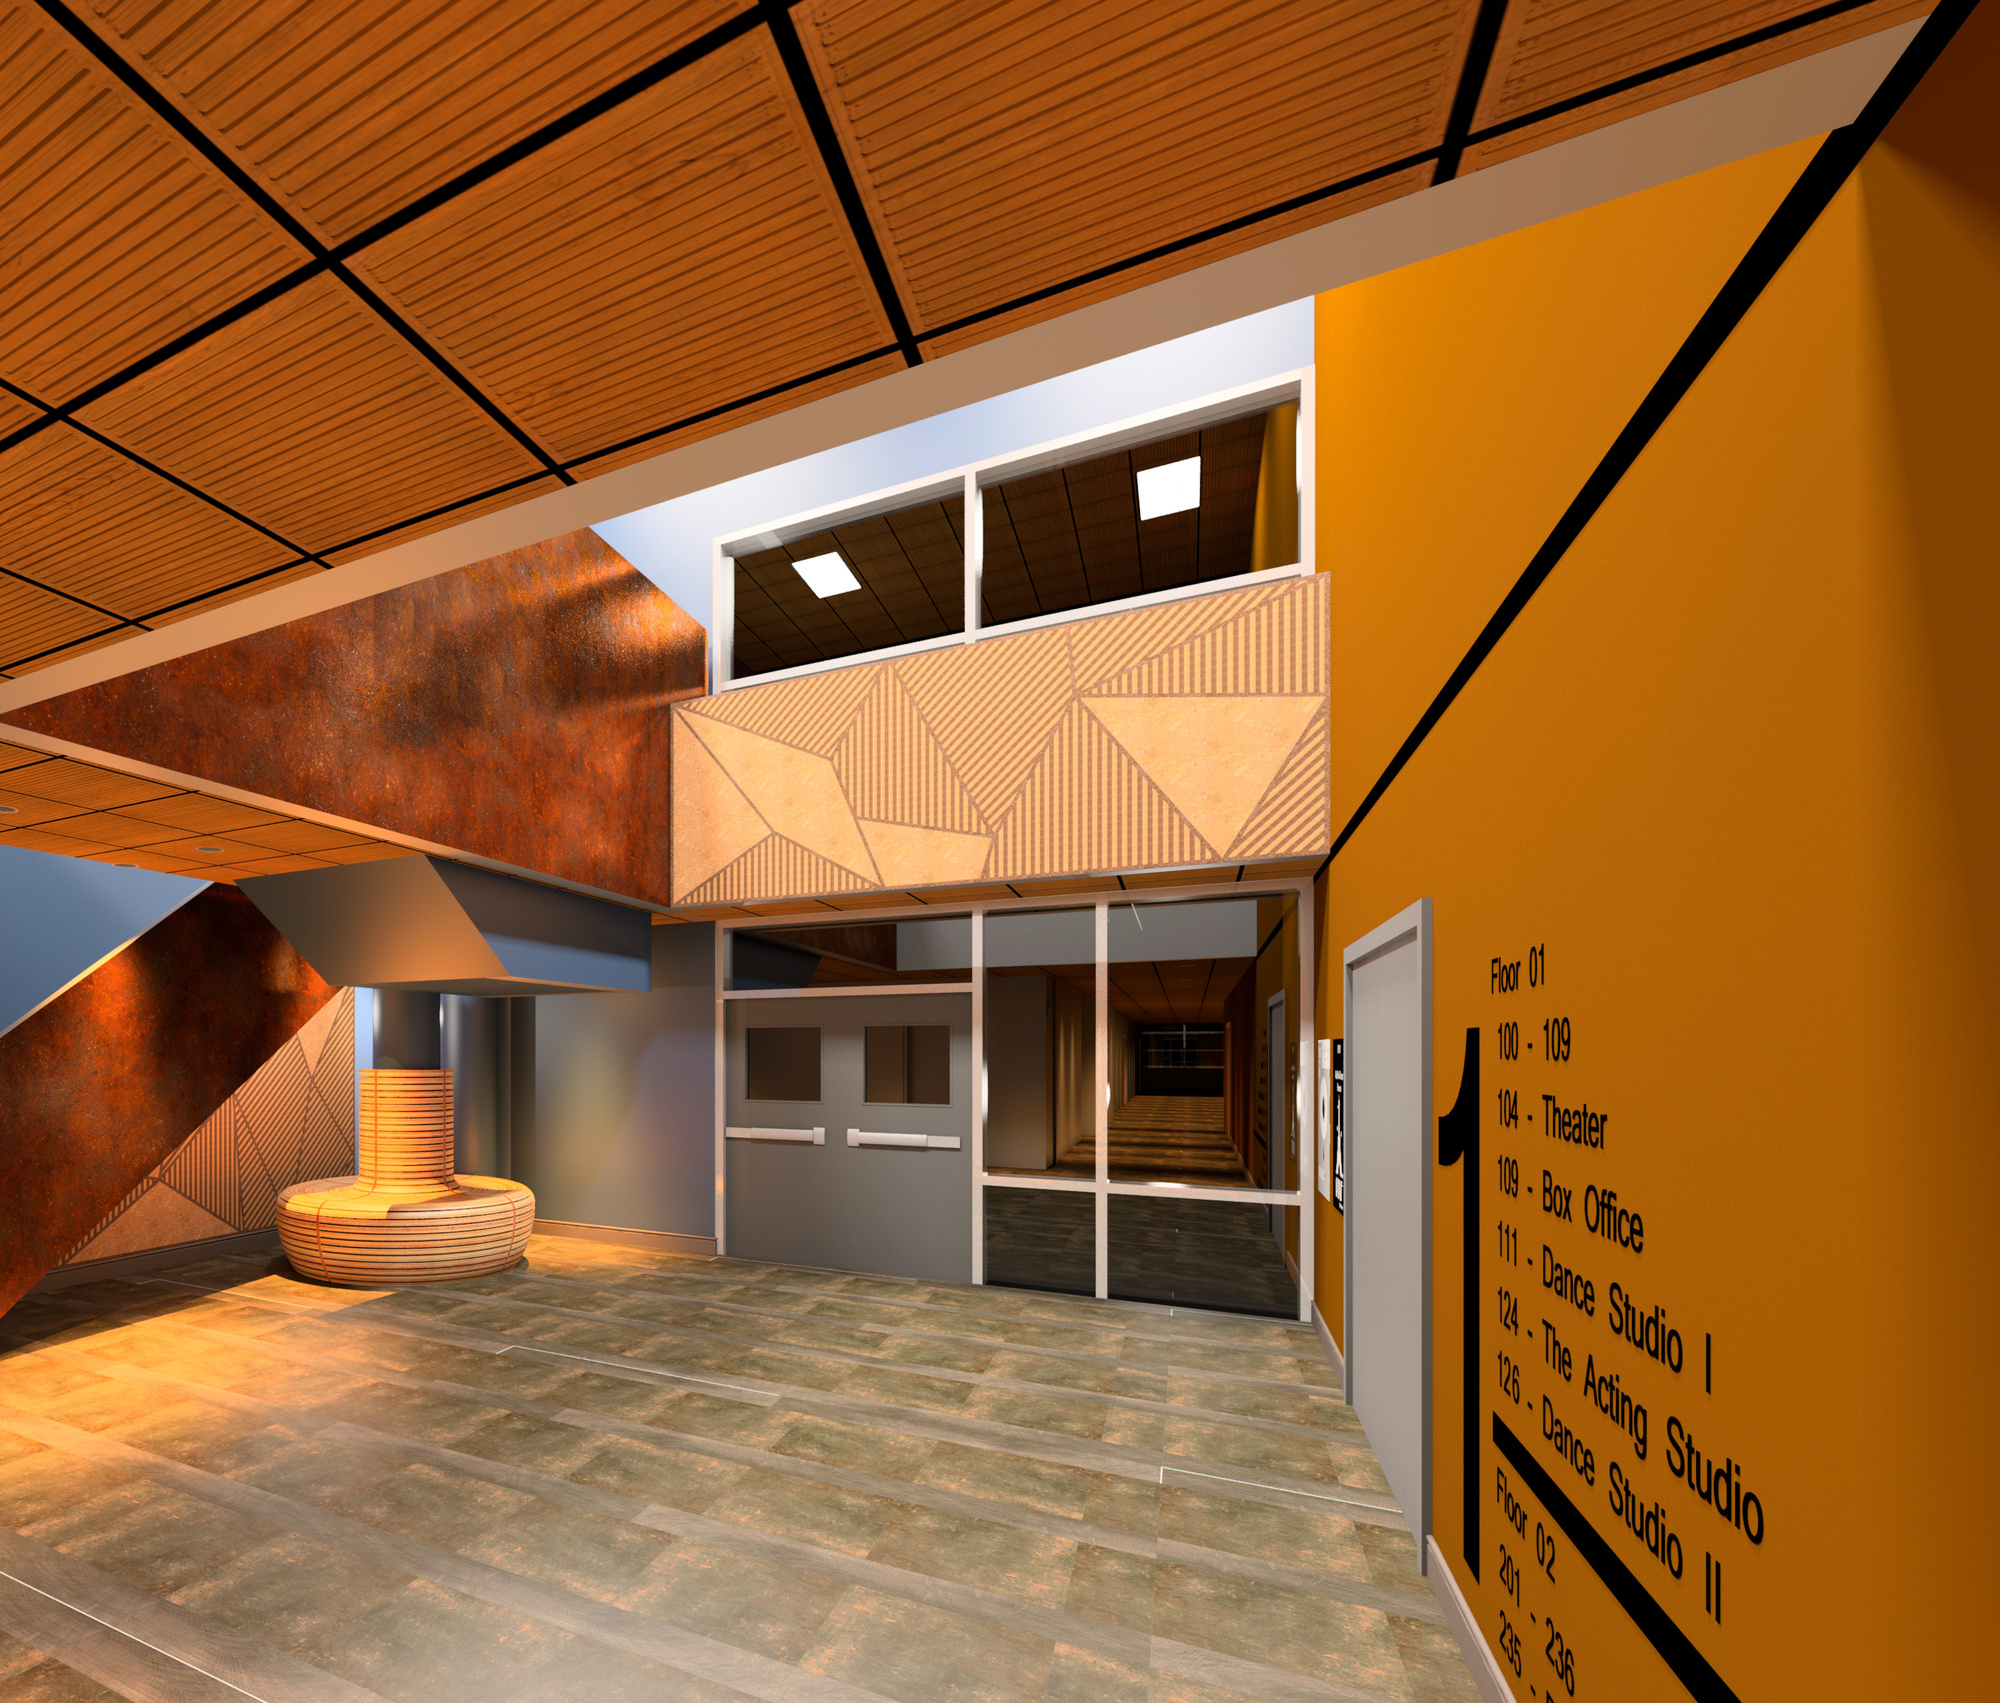 Raas-rendering20150220-7641-9tcks5